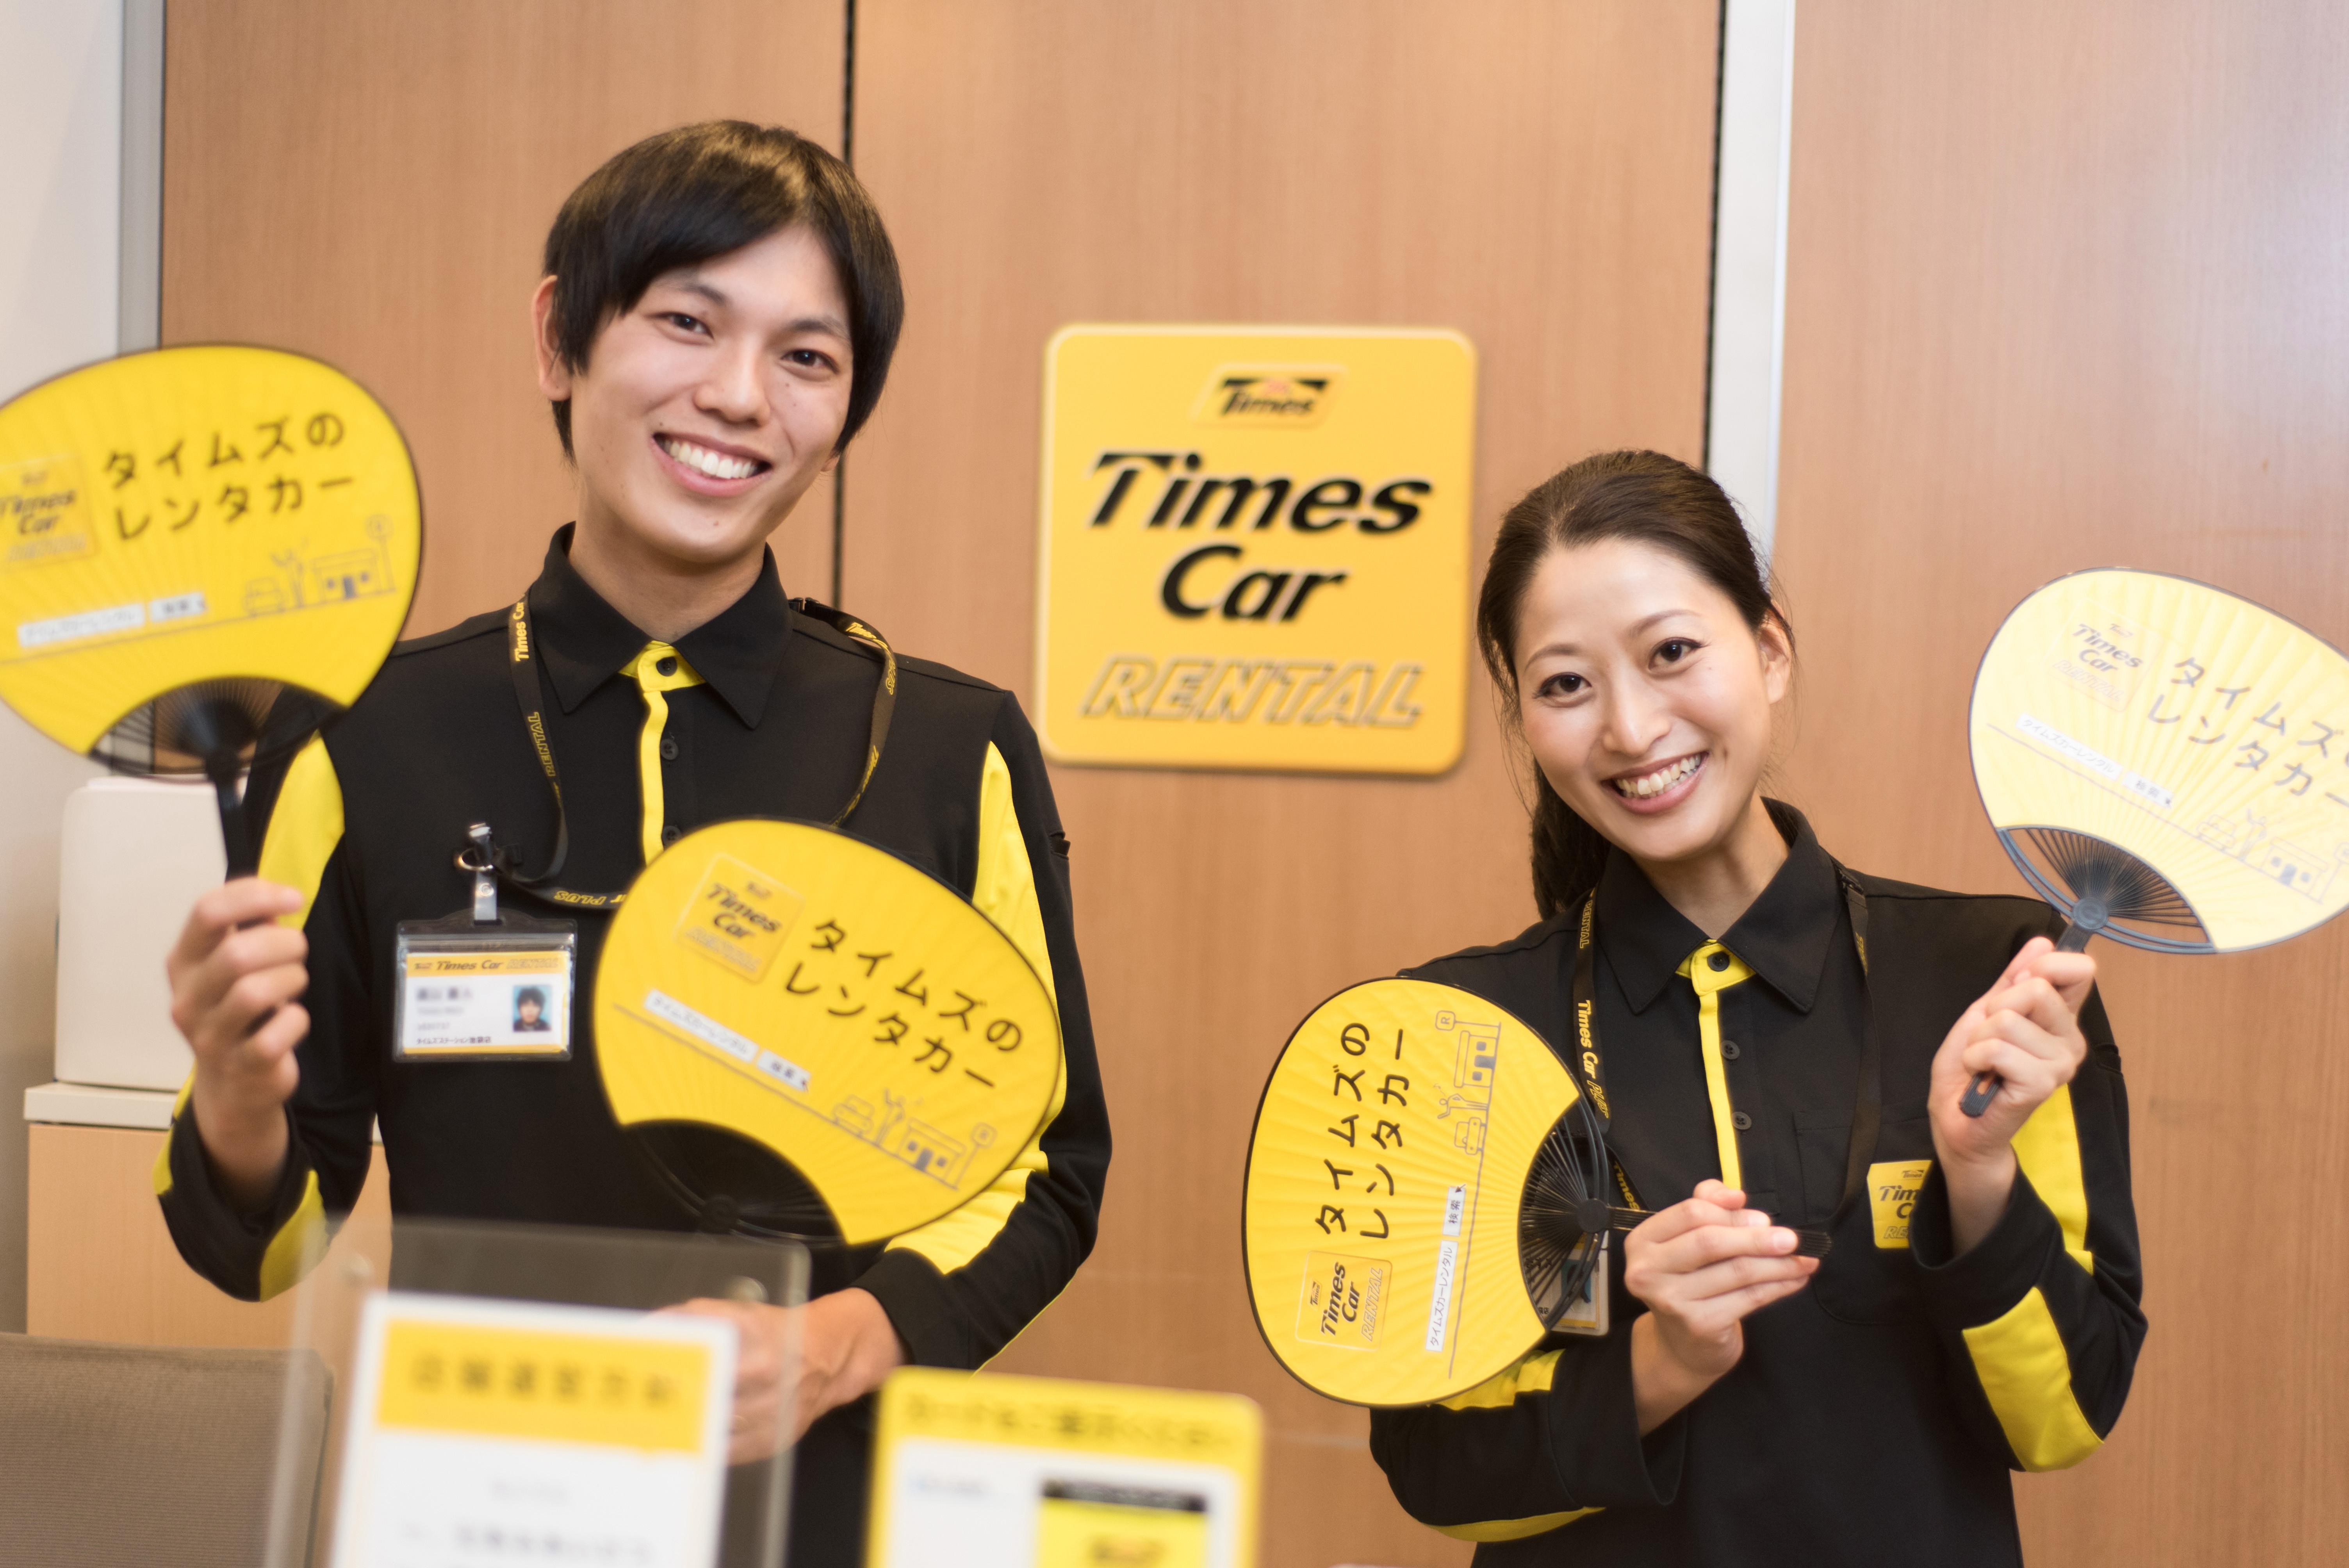 タイムズカーレンタル 三島駅南口店 のアルバイト情報